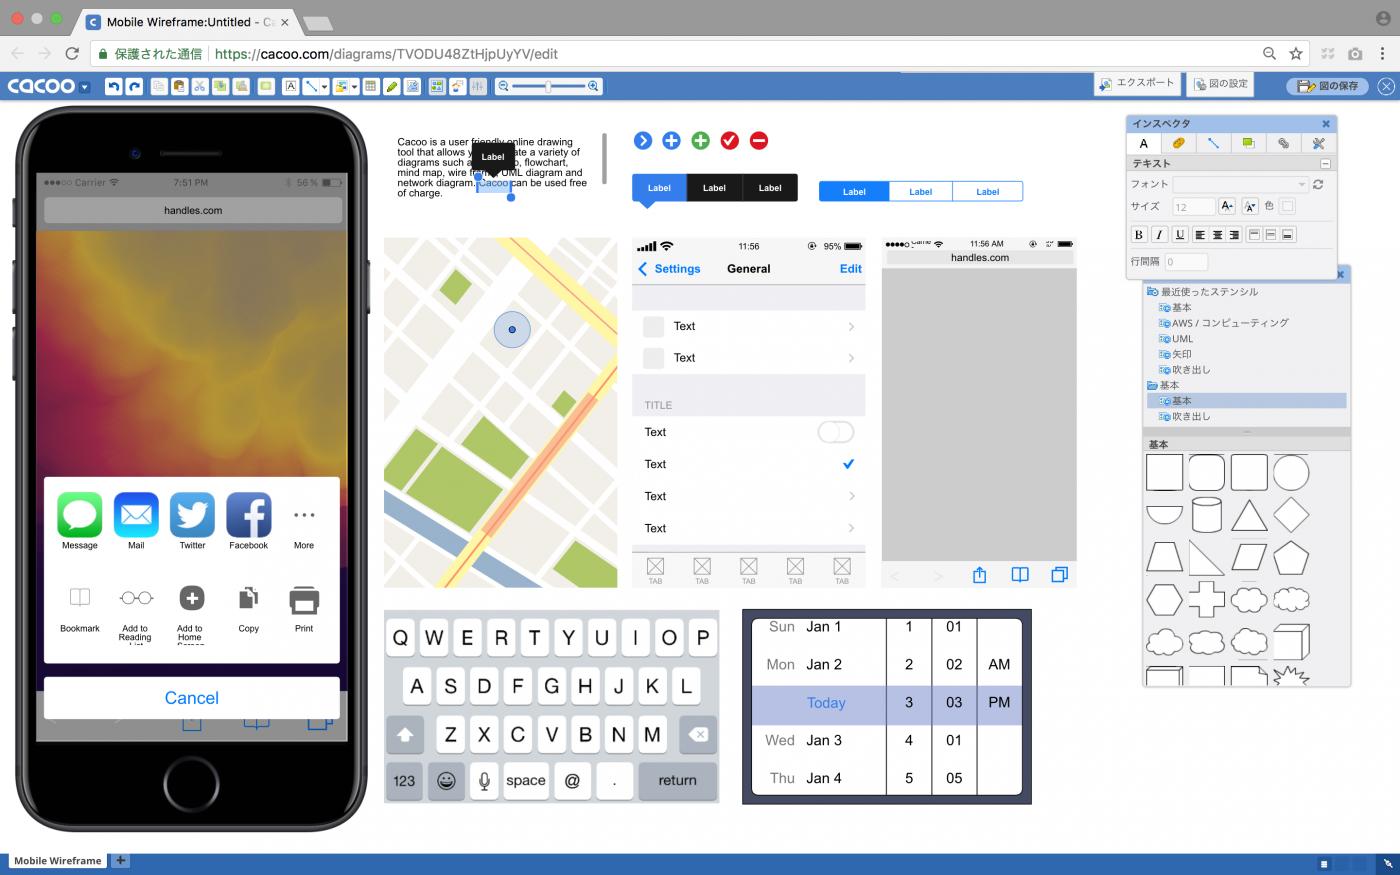 Cacoo線上協作繪圖工具成功移轉至HTML5 迎合未來趨勢提供用戶更豐富功能